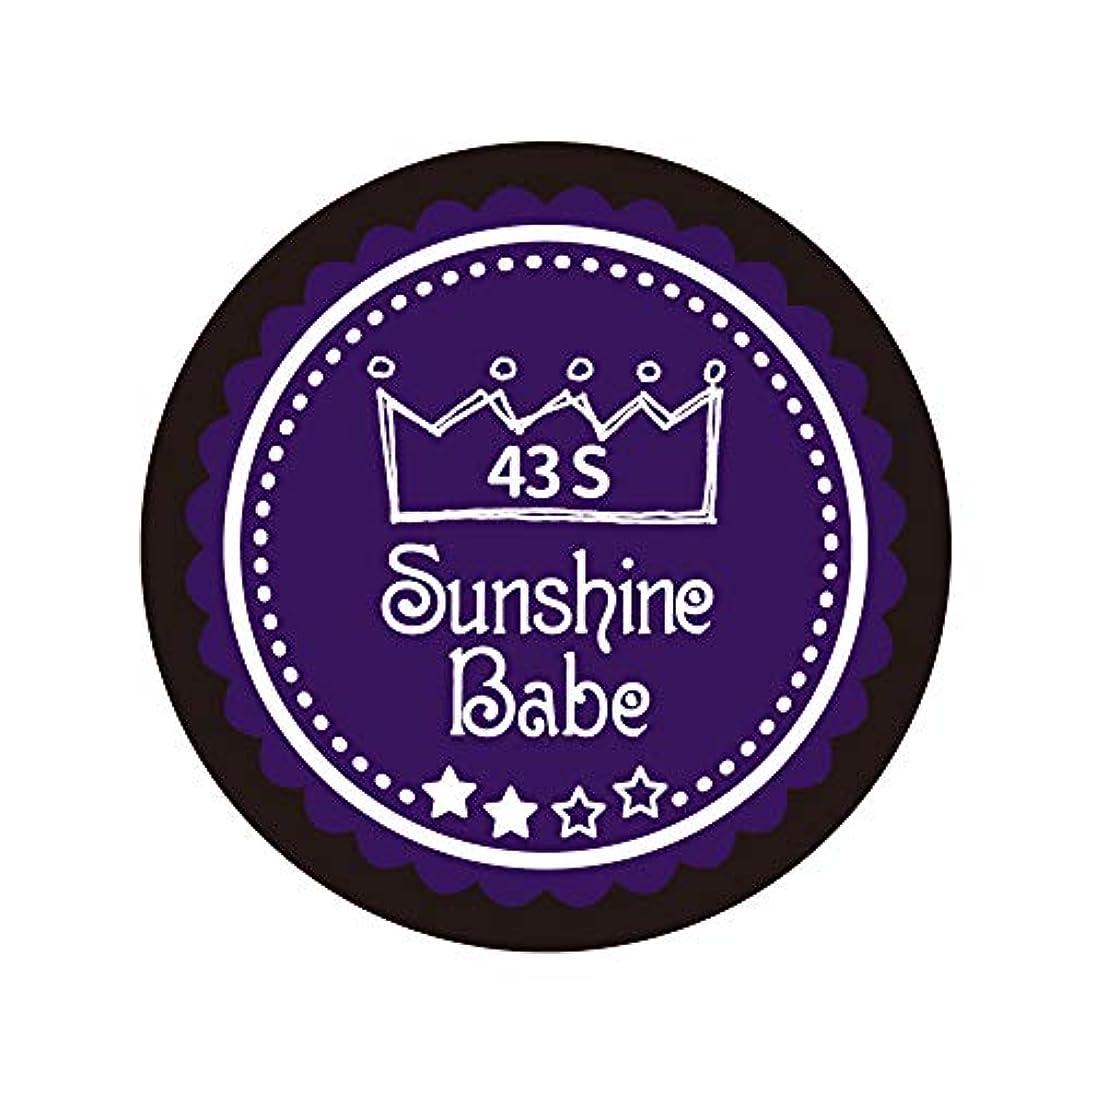 森超える揺れるSunshine Babe カラージェル 43S オータムウルトラバイオレット 2.7g UV/LED対応